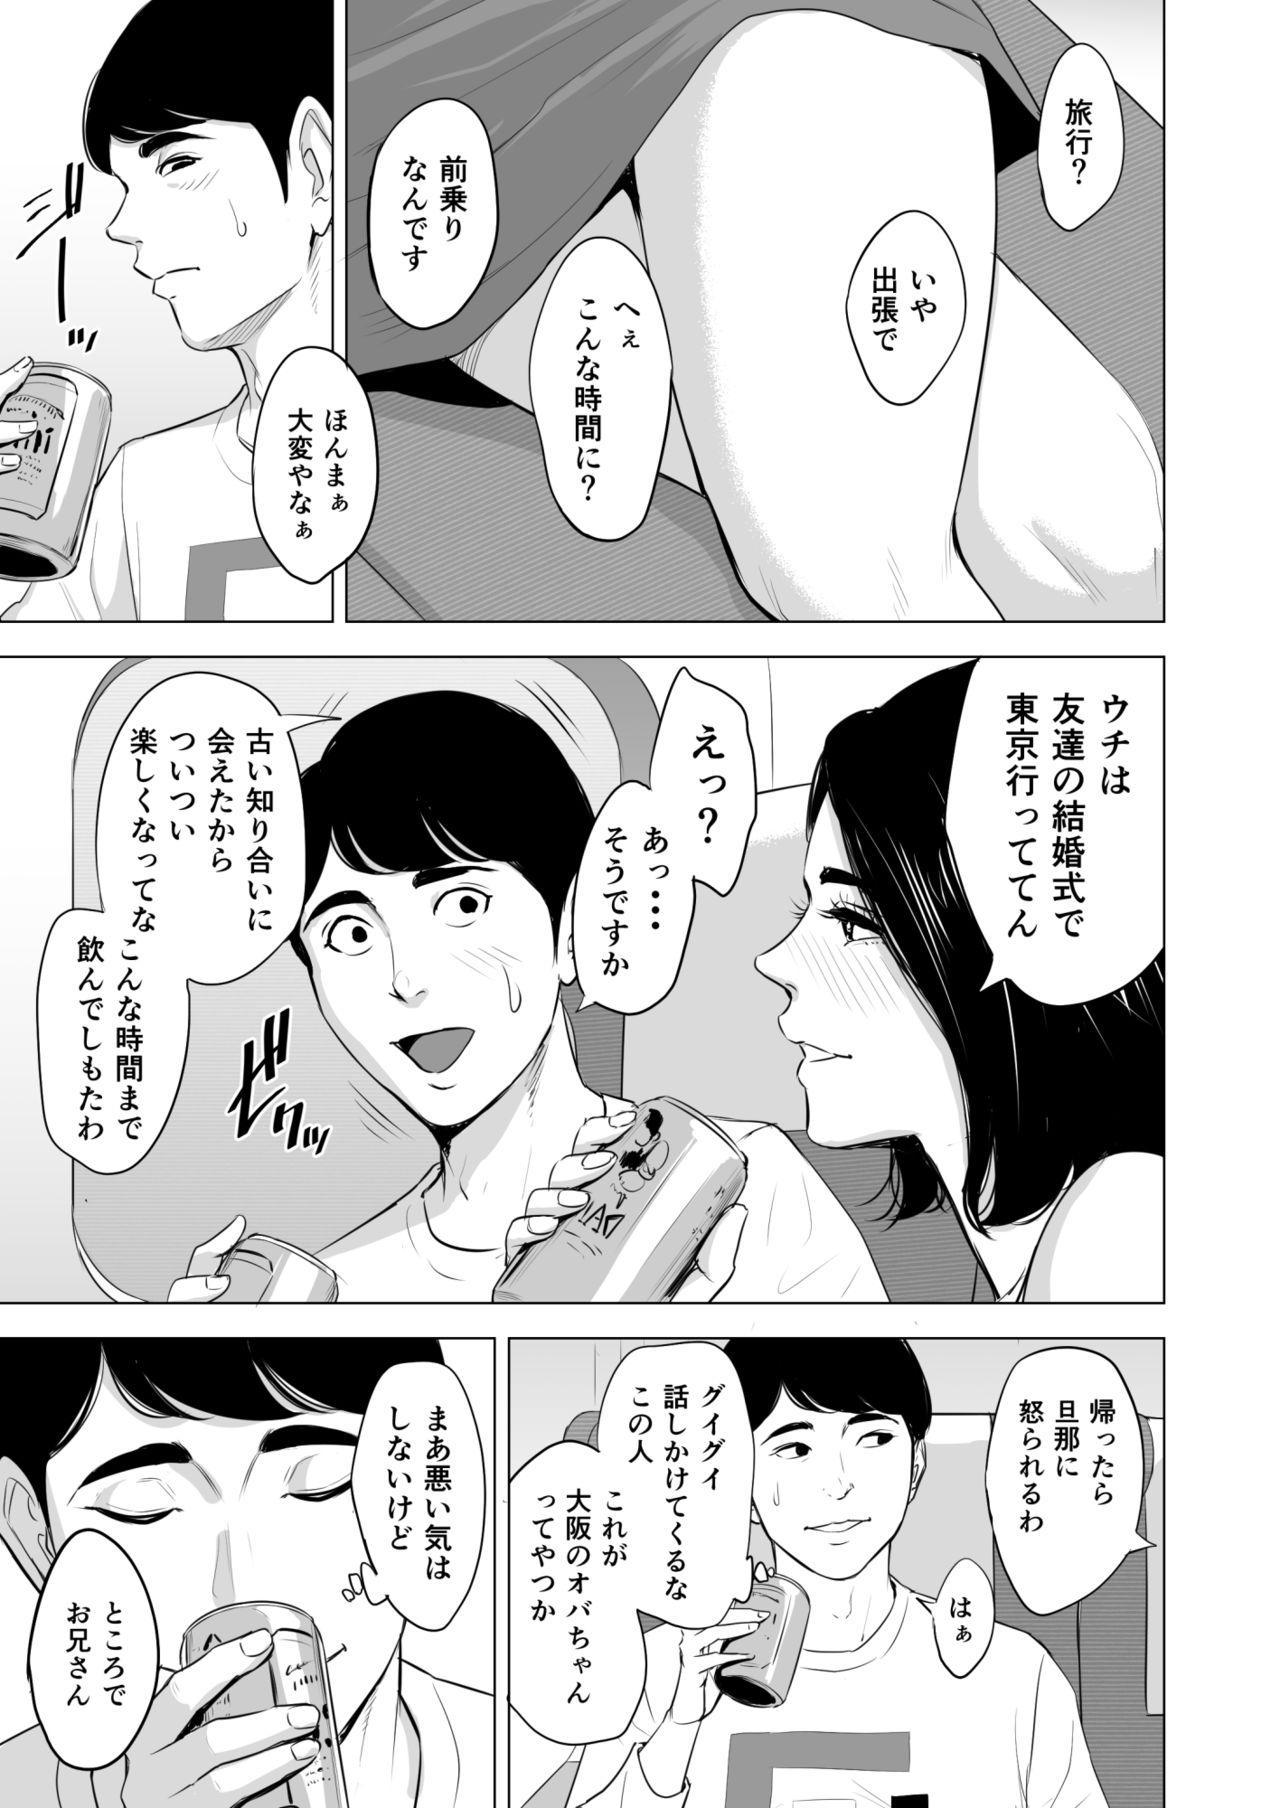 Shinkansen de Nani shiteru!? 8